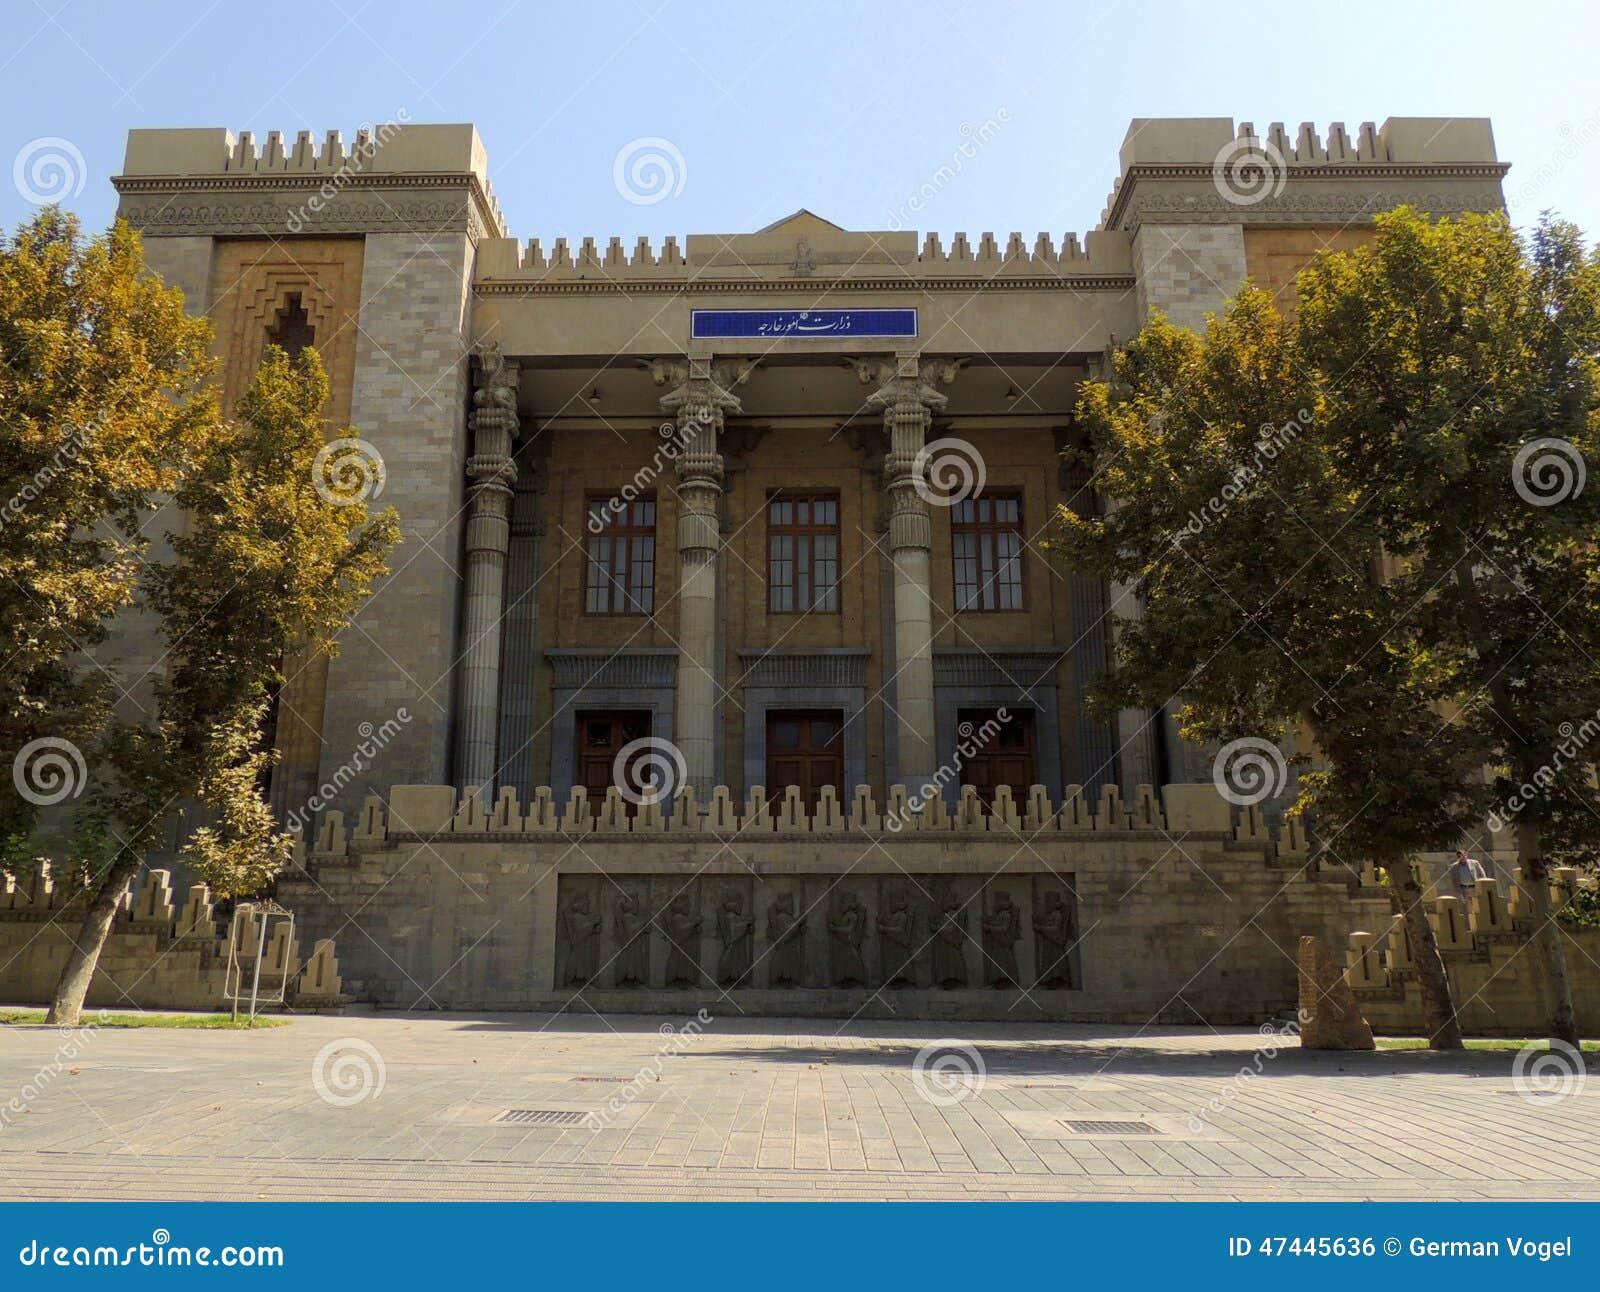 un bâtiment - ajonc - 1er novembre trouvé par Martine B%C3%A2timent-de-minist%C3%A8re-%C3%A9tranger-de-l-iran-imitation-de-l-architecture-de-persepolis-47445636